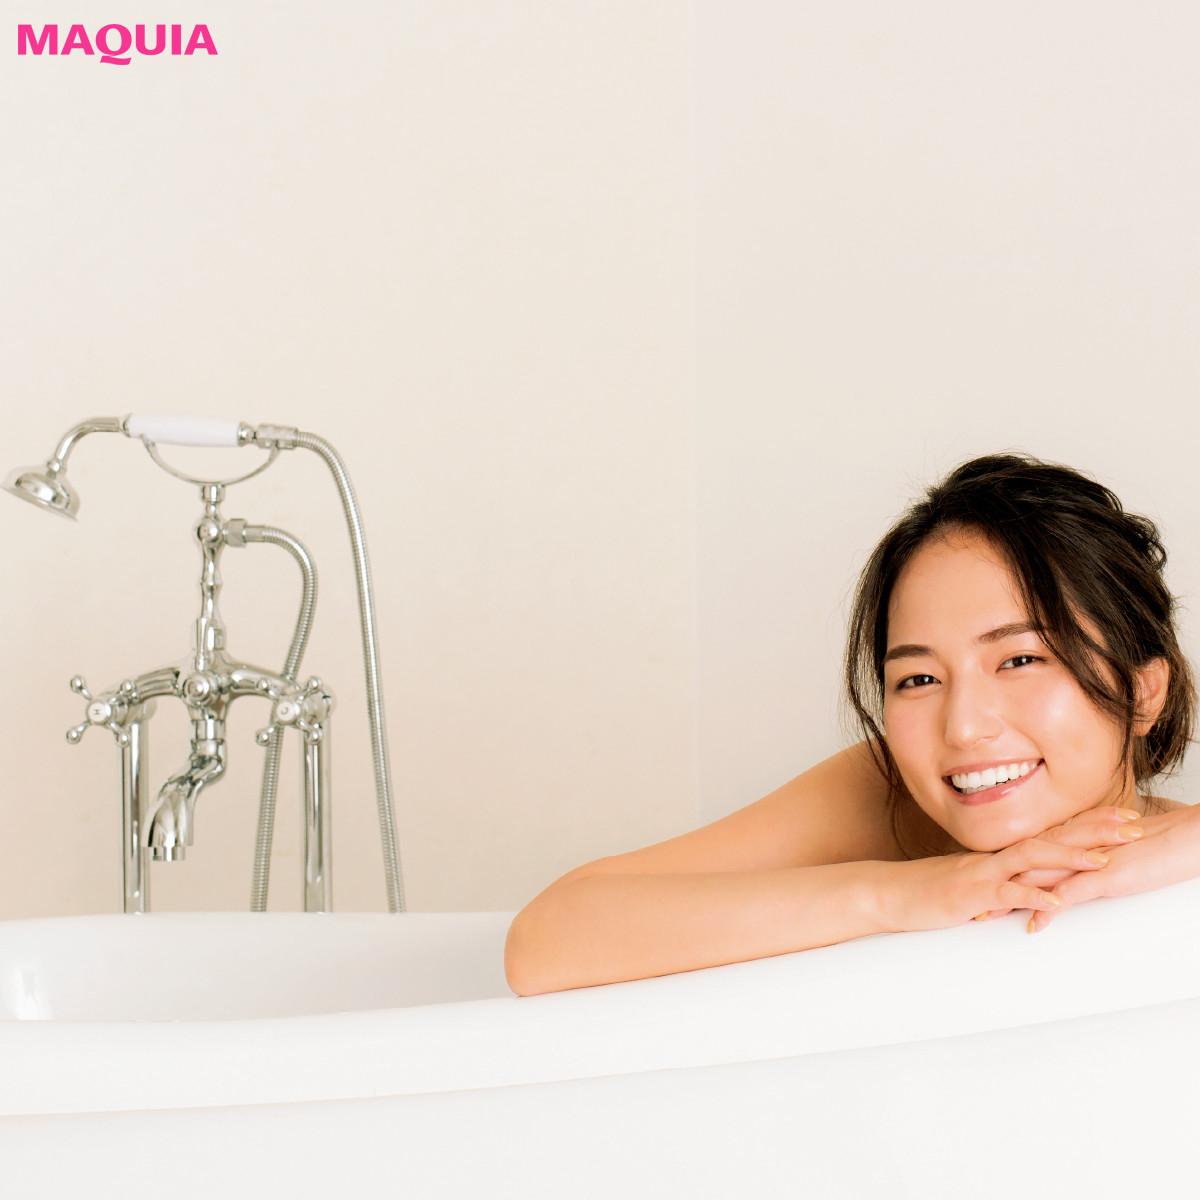 「全身浴と半身浴、どちらが効果的?」毎日のバスルームで冷えを解消するウソホント